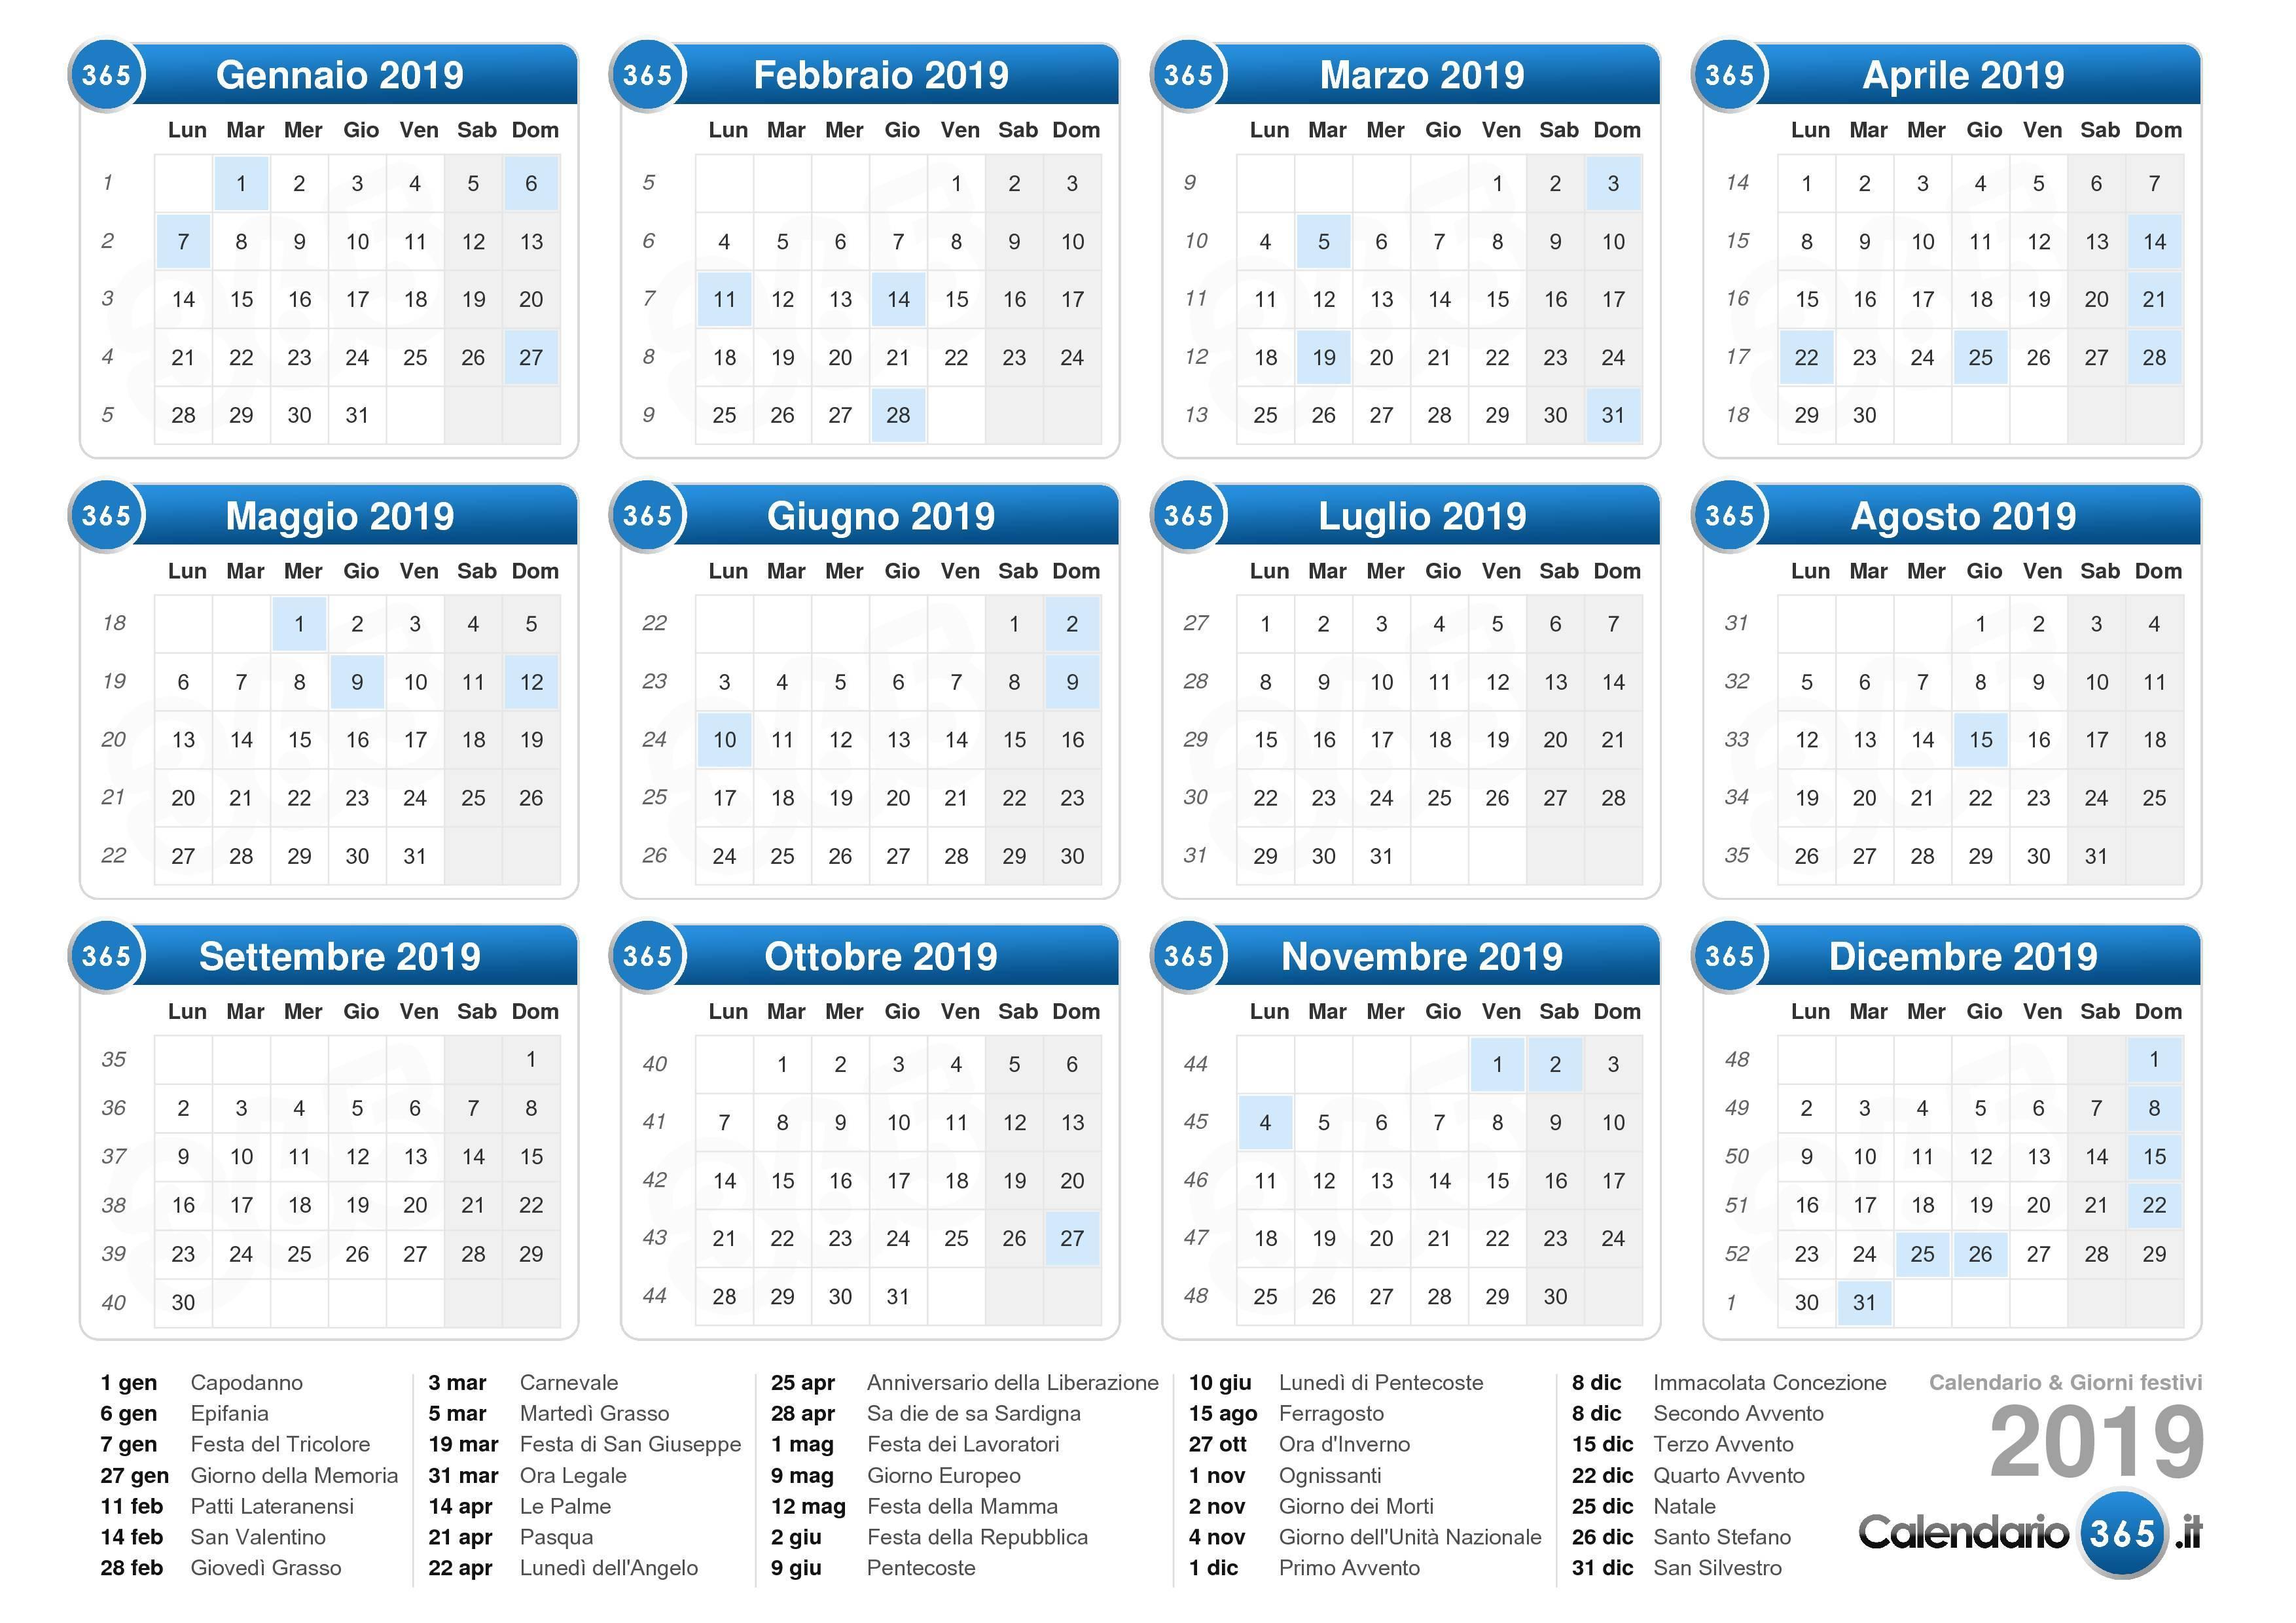 Calendario Mese Dicembre 2019.Calendario 2019